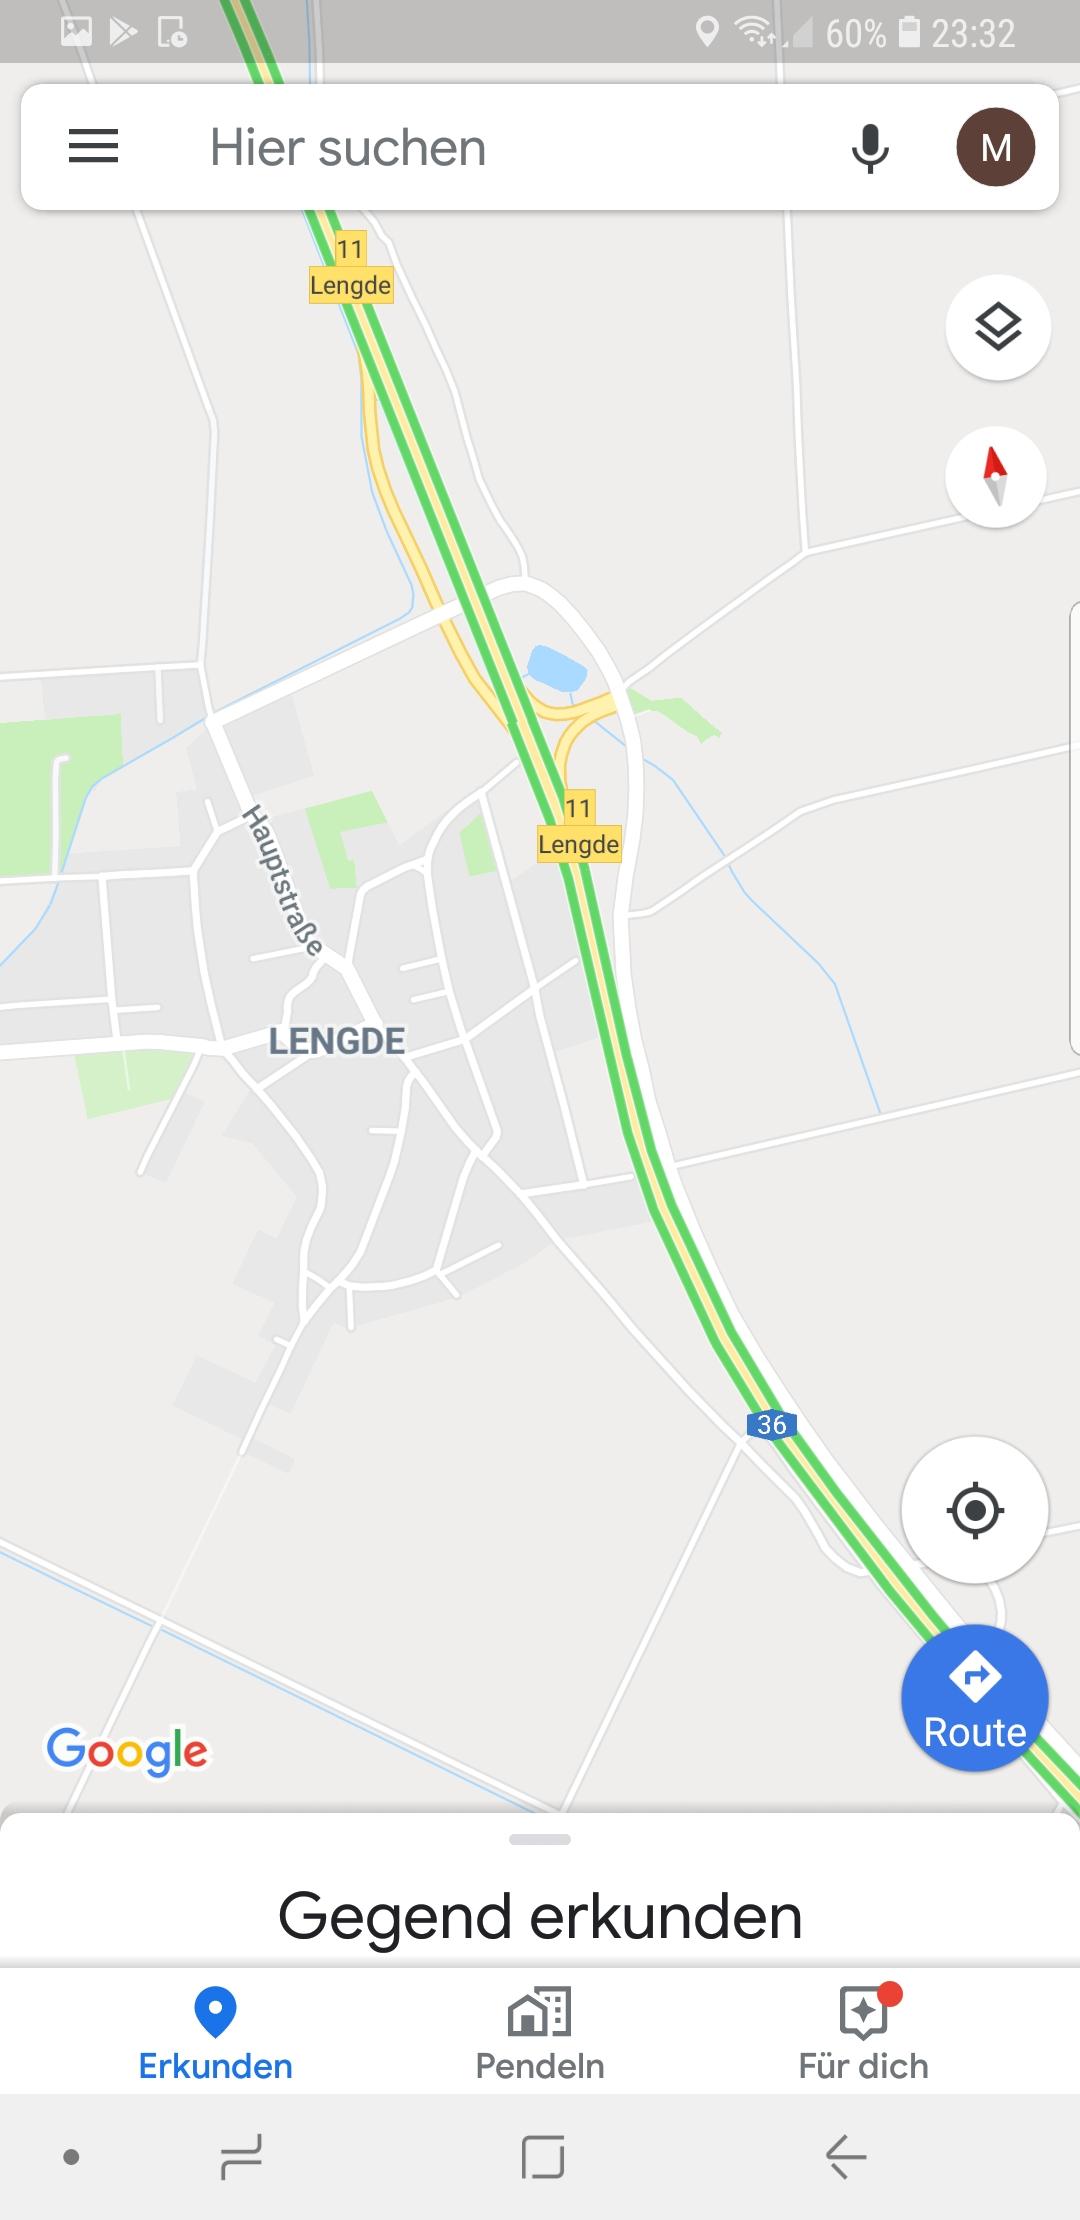 Lengde - Auszug aus Google Maps